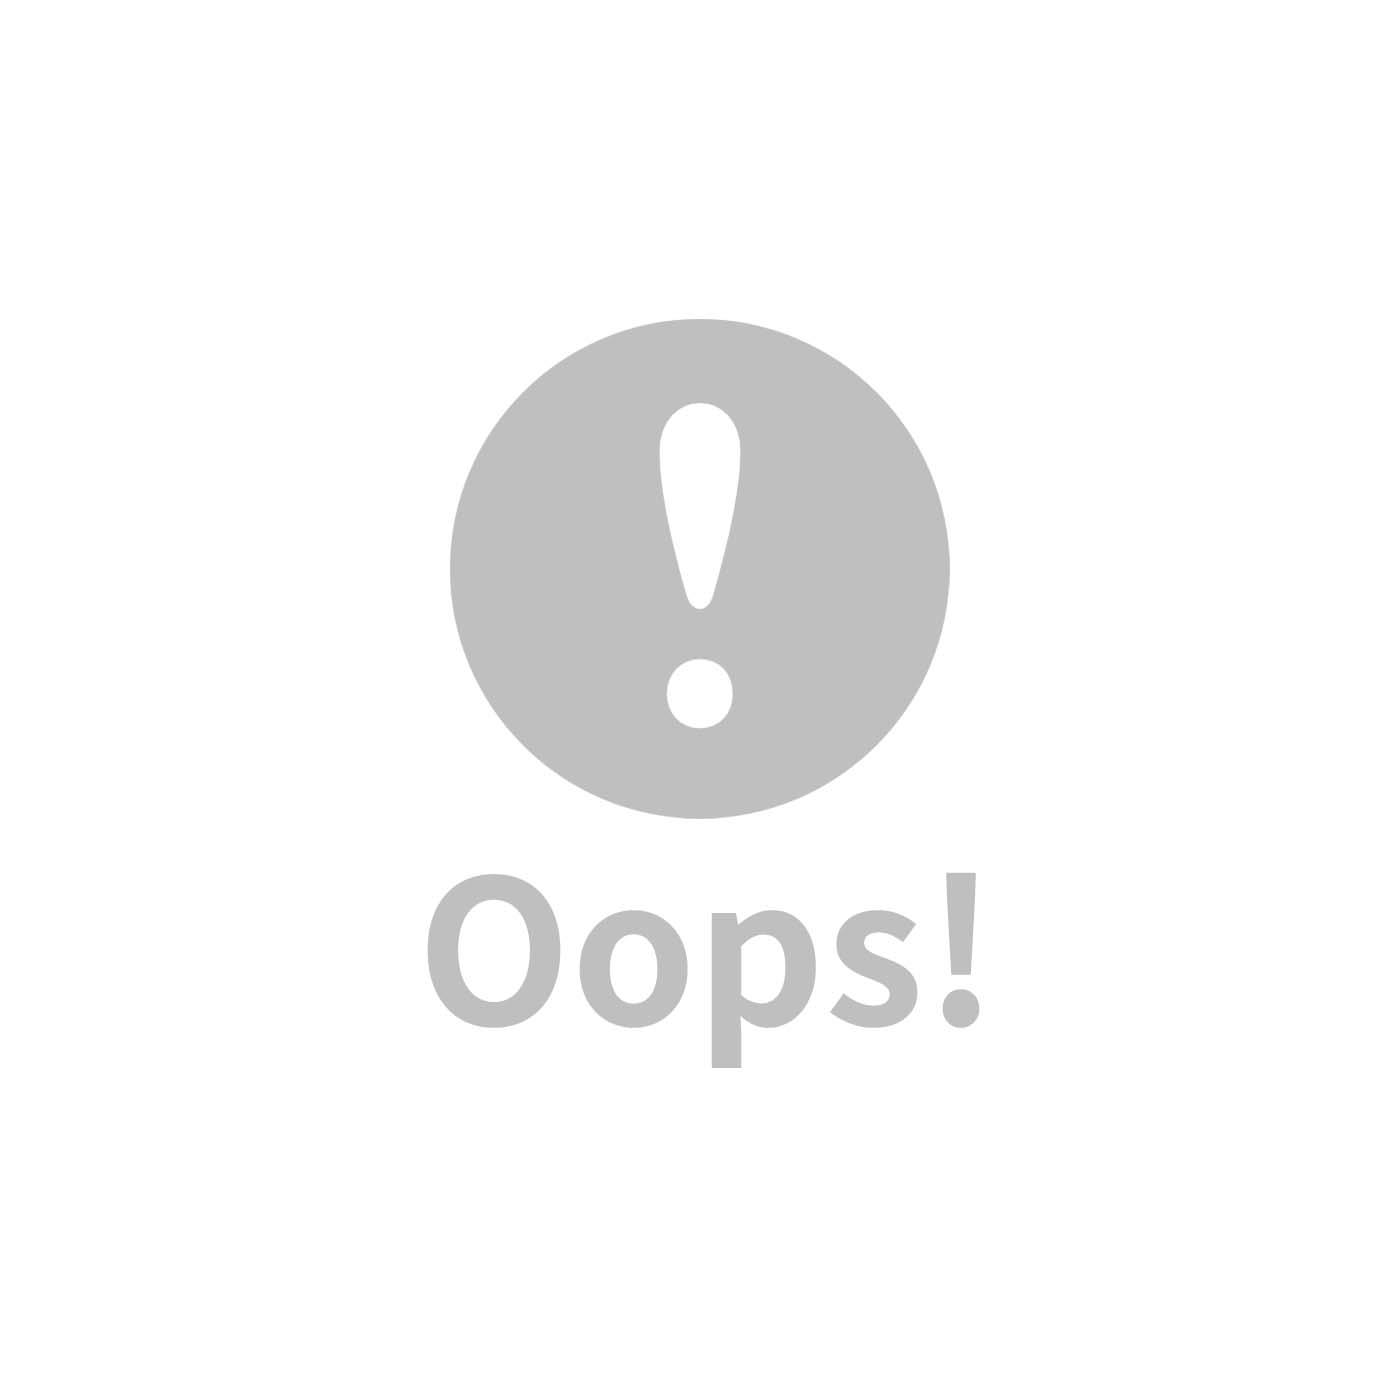 【5/28-5/30逗寶購物台專屬】【gunite】沙發嬰兒床全套組_安撫陪睡式0-6歲(巴黎粉)(星星月亮吊飾組)